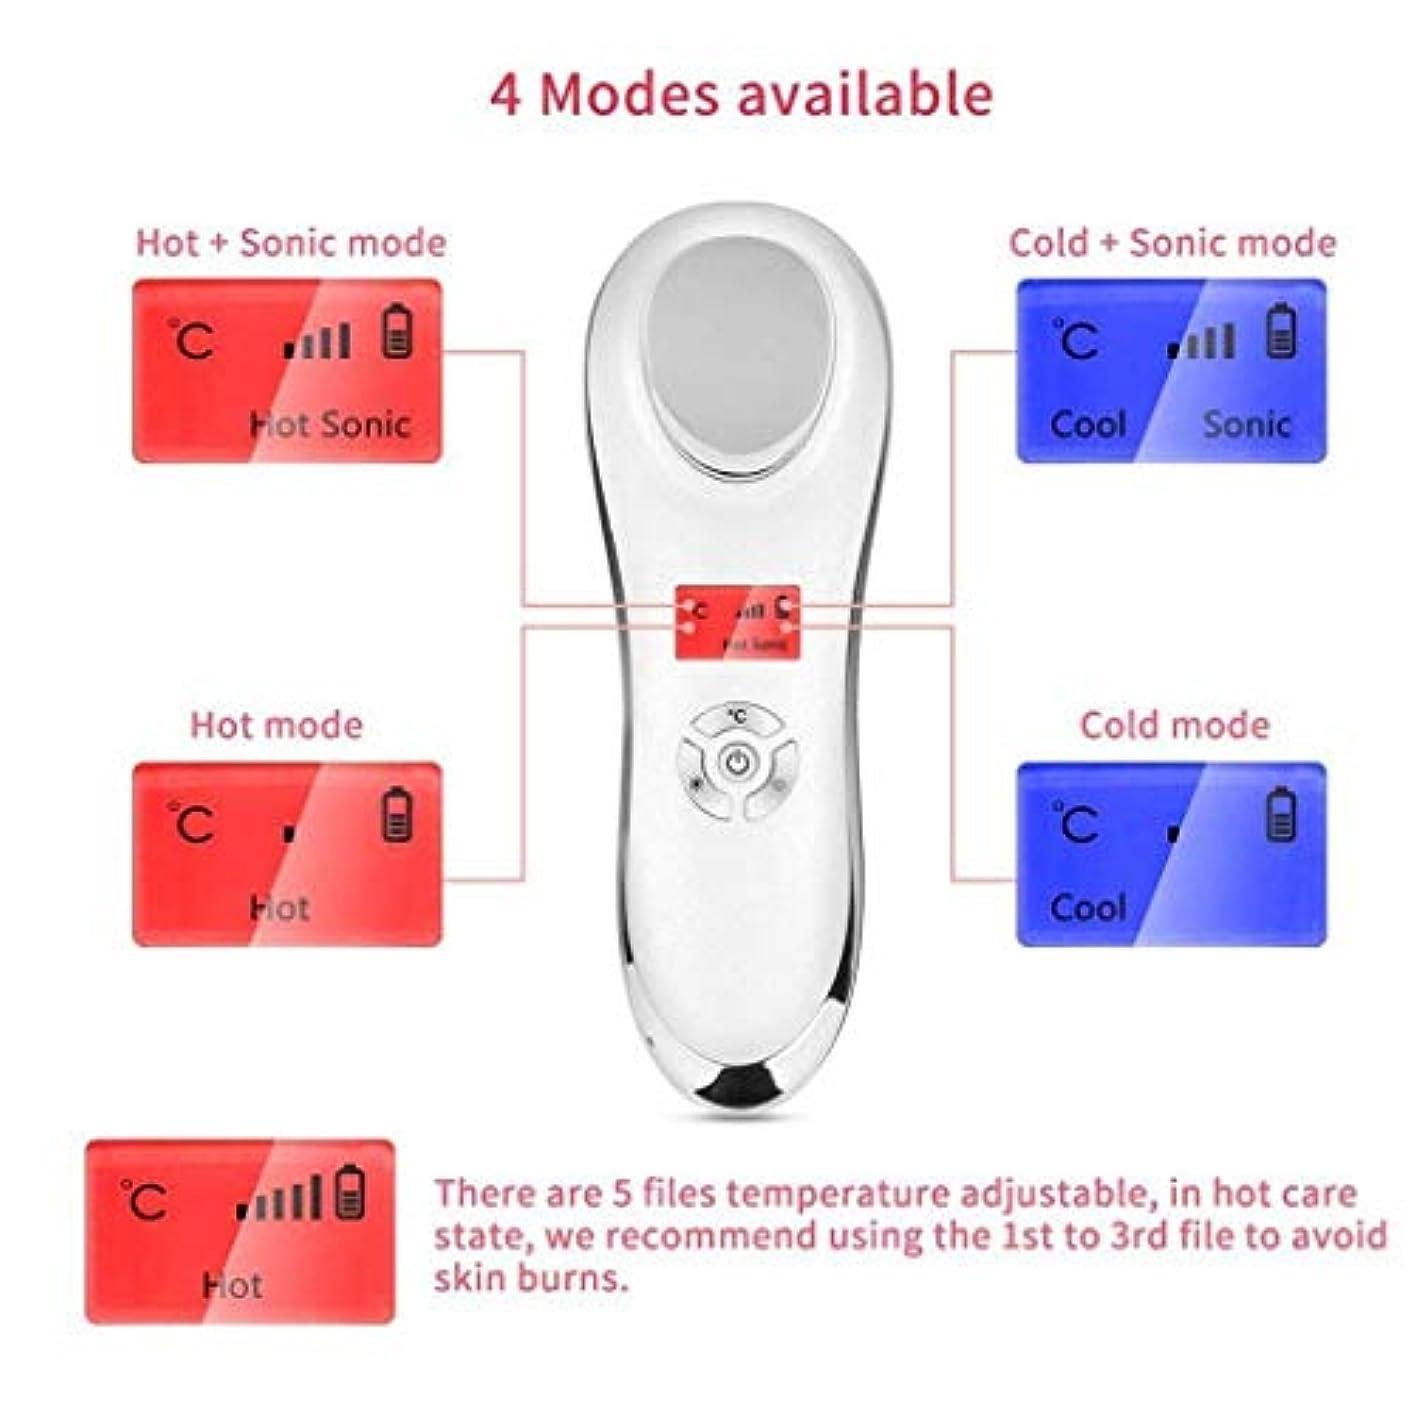 要求するセント黒板フェイシャルマッサージ - 電動ハンドヘルド美容機器、6-in-one美容ツール、引き締め/保湿/美白/吸収/リラックス/マッサージ、顔に最適、目、首 - ユニセックス